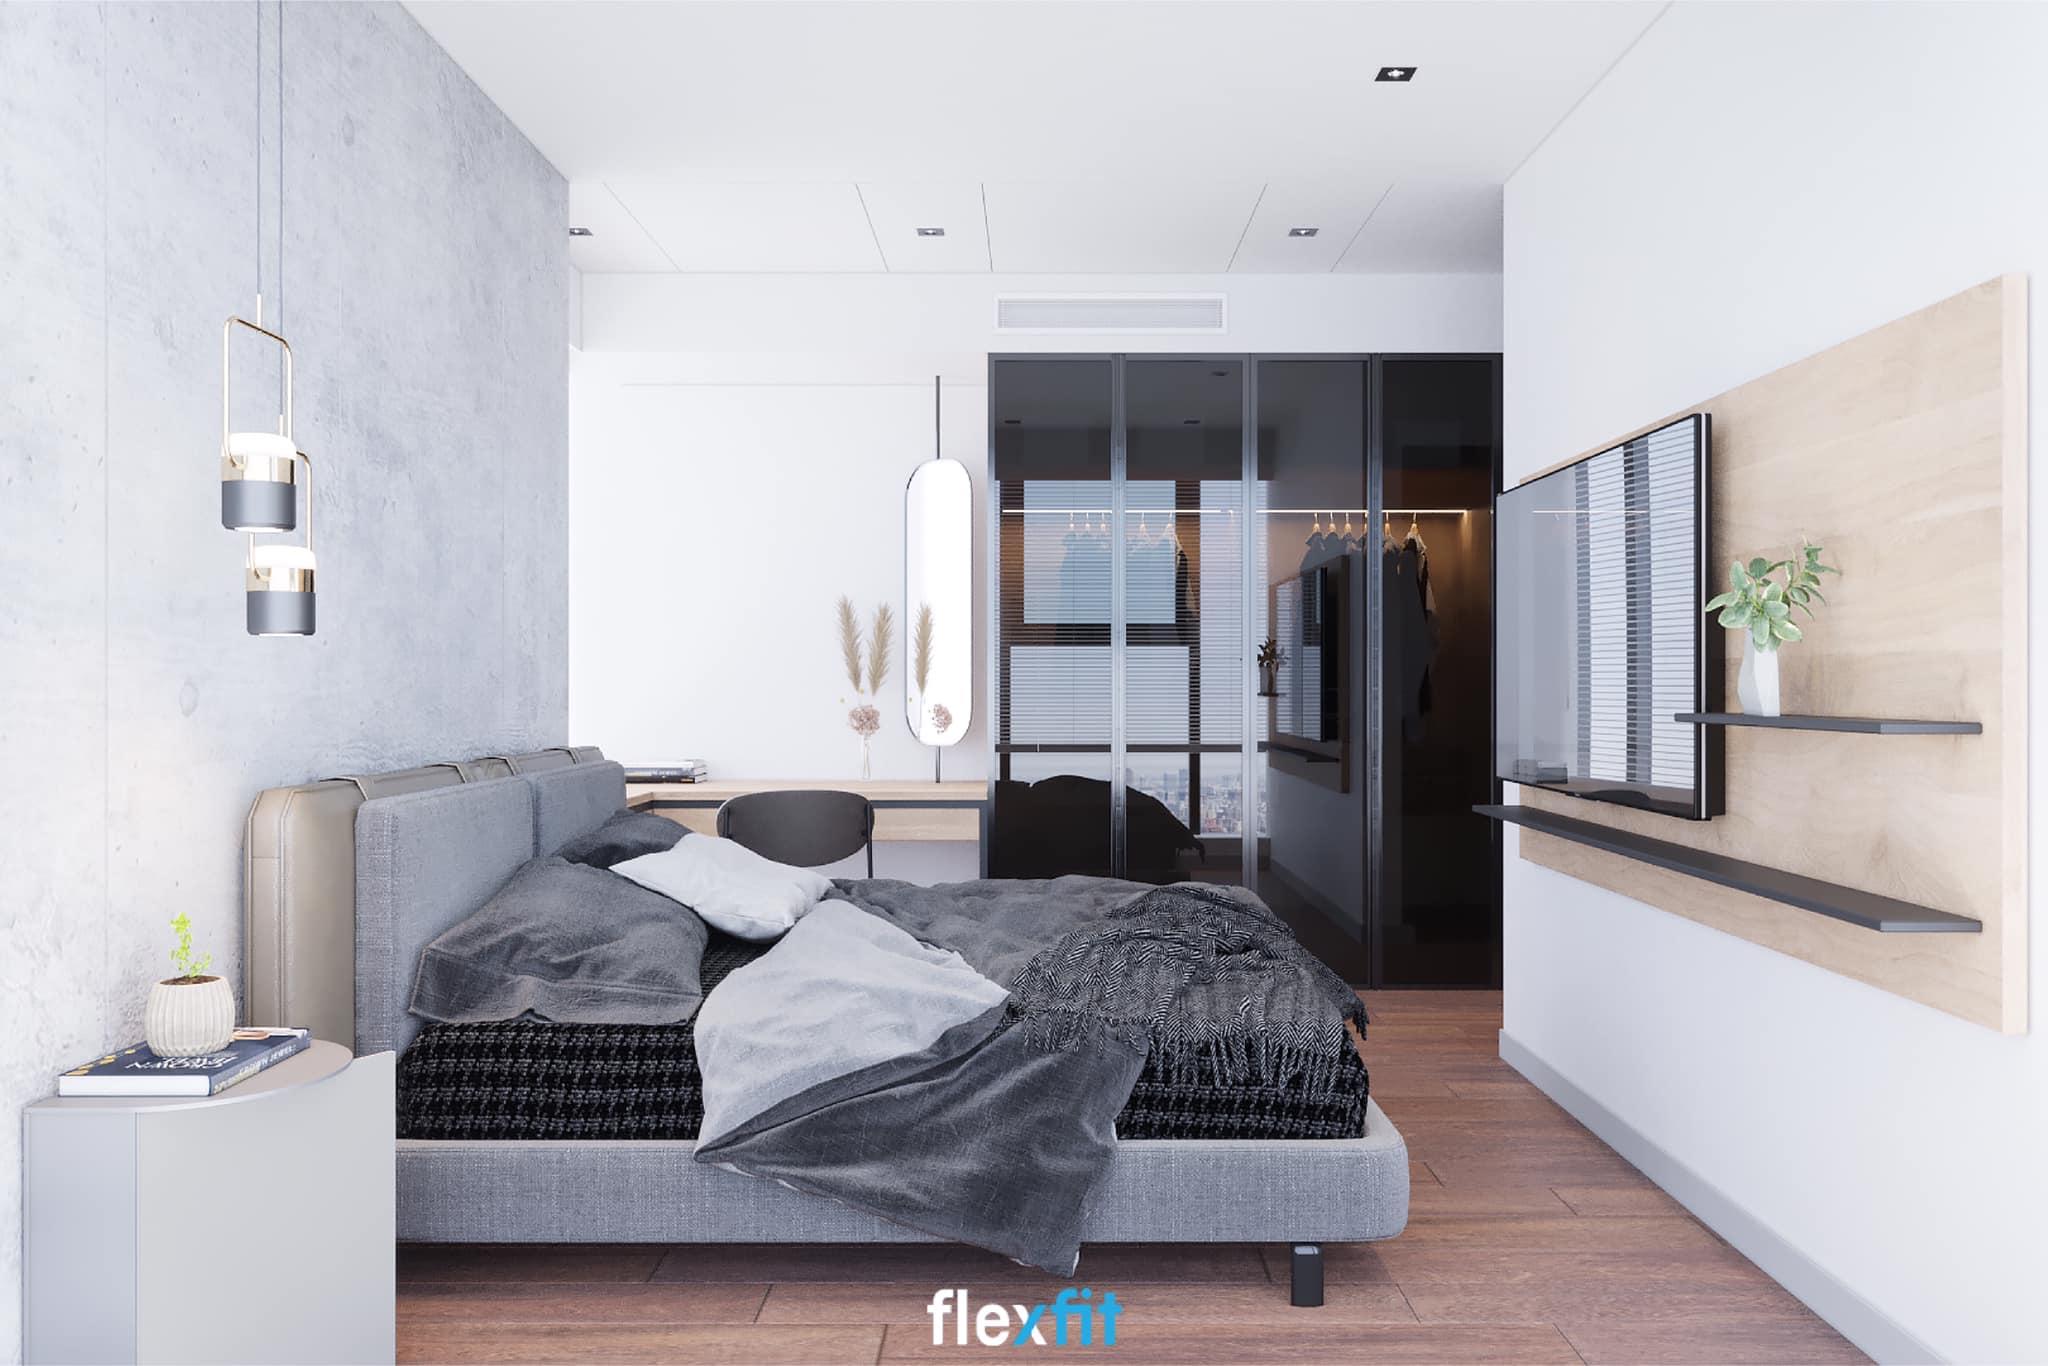 Với tông màu đen và độ bóng của các cánh cửa kính chiếc tủ 4 cánh cửa lùa này phù hợp với mọi màu sắc của căn phòng. Đồng thời, dù có đặt ở dọc lối ra vào phòng thì cũng không gây cản trở do thiết kế cánh lùa hiện đại, linh hoạt.